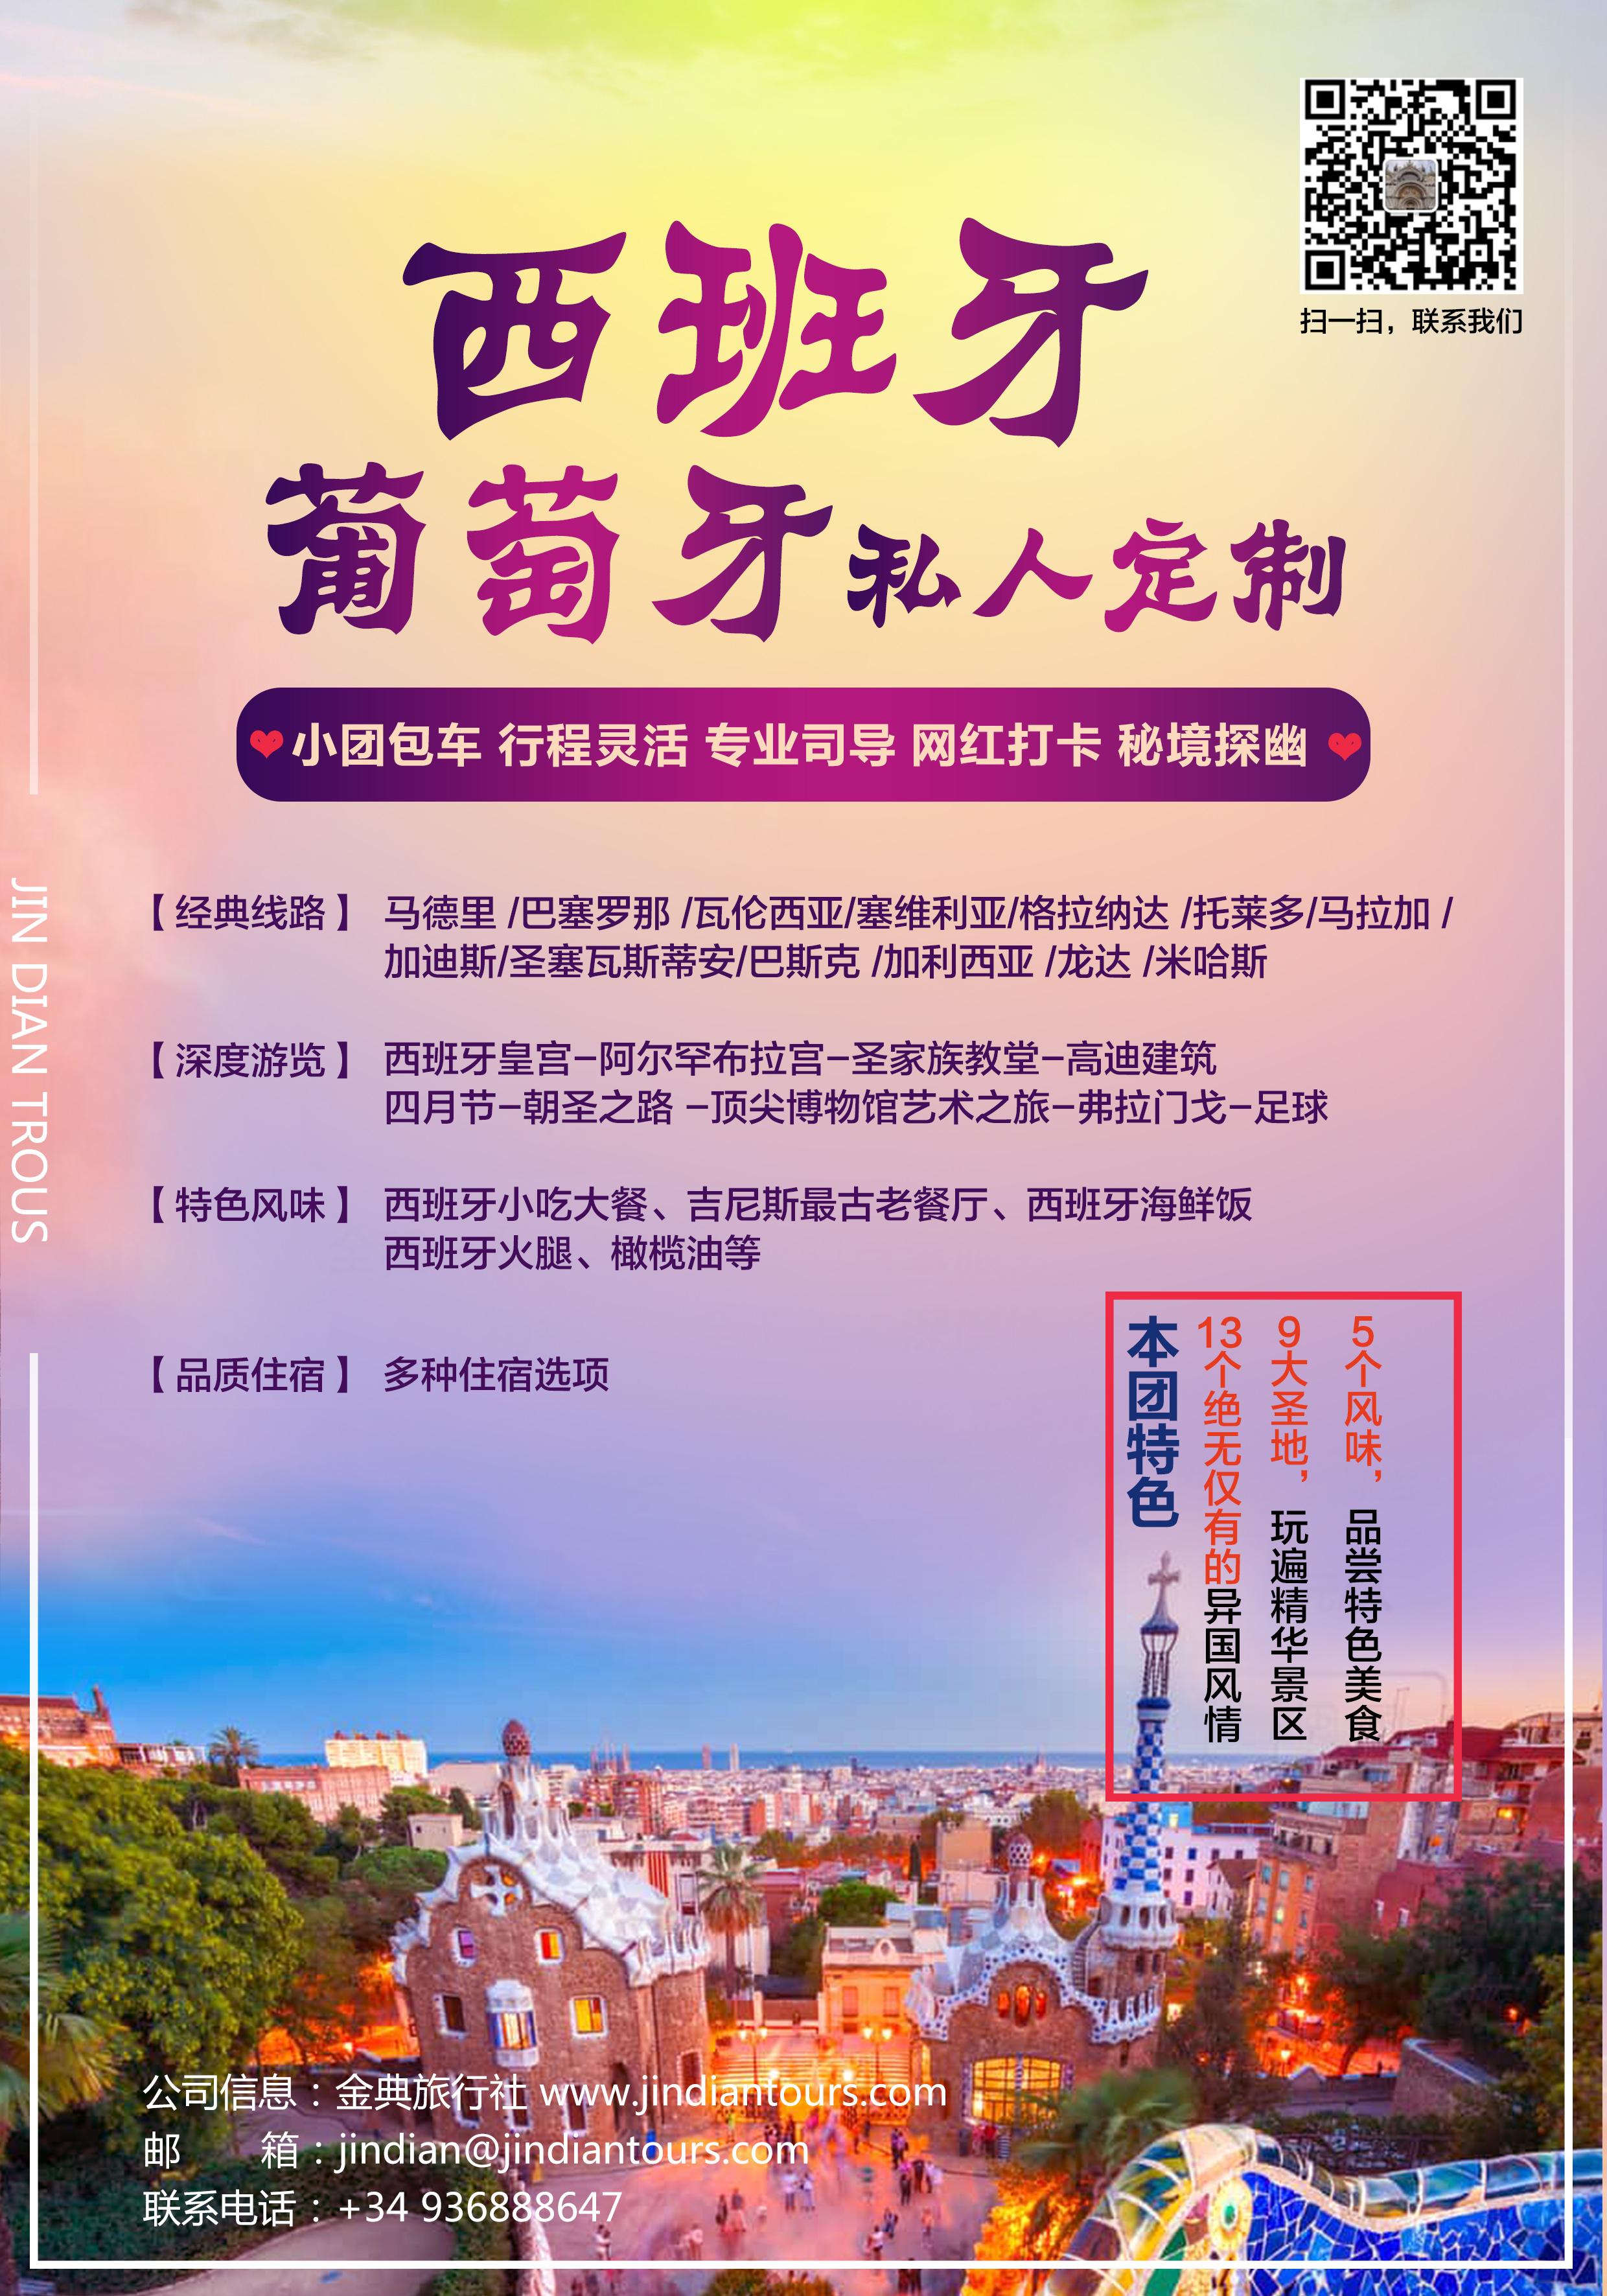 西班牙金典旅行社 jindian tours